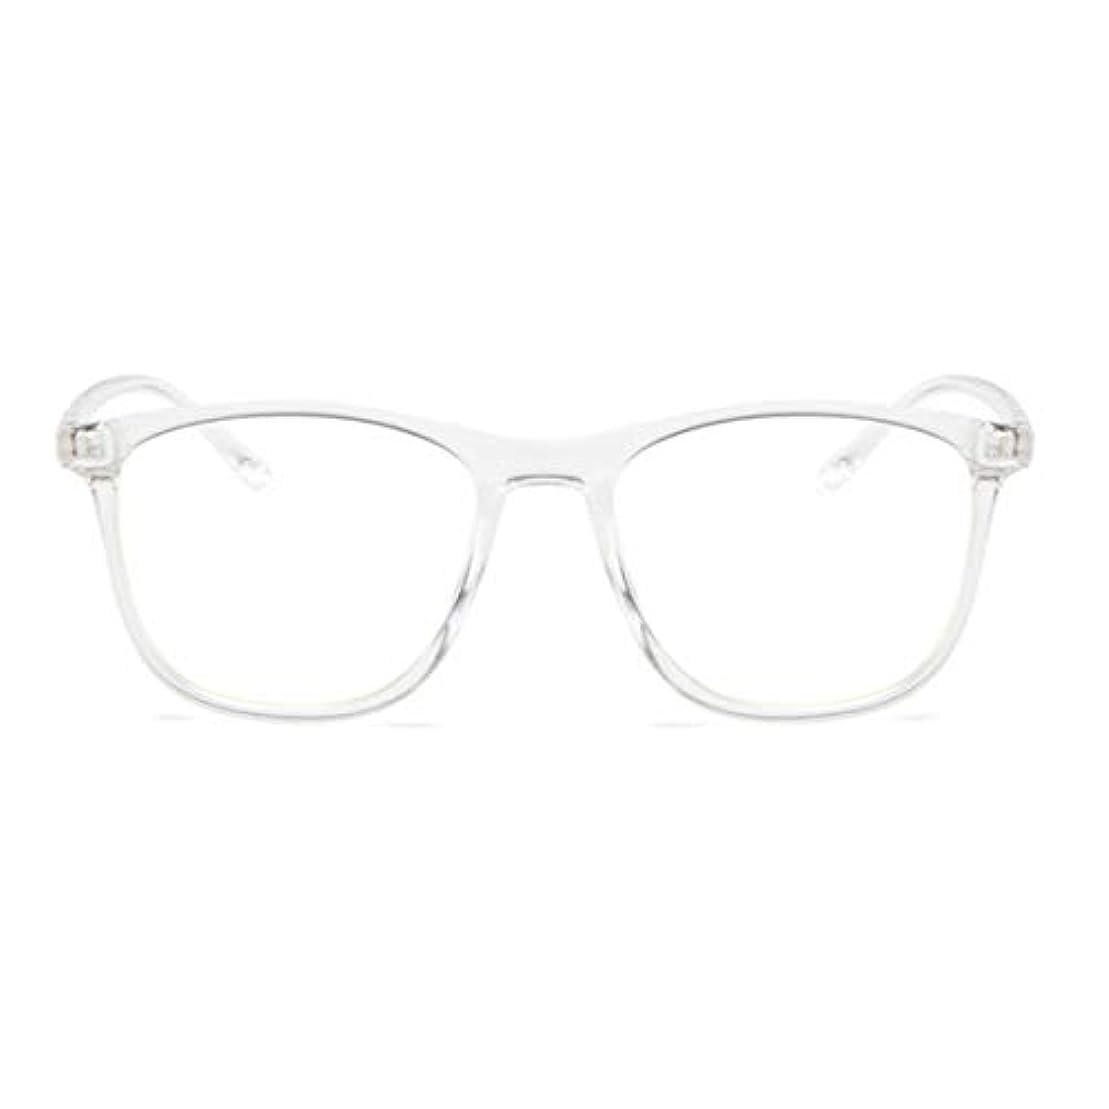 浸した改善するくびれた韓国の学生のプレーンメガネ男性と女性のファッションメガネフレーム近視メガネフレームファッショナブルなシンプルなメガネ-透明ホワイト-